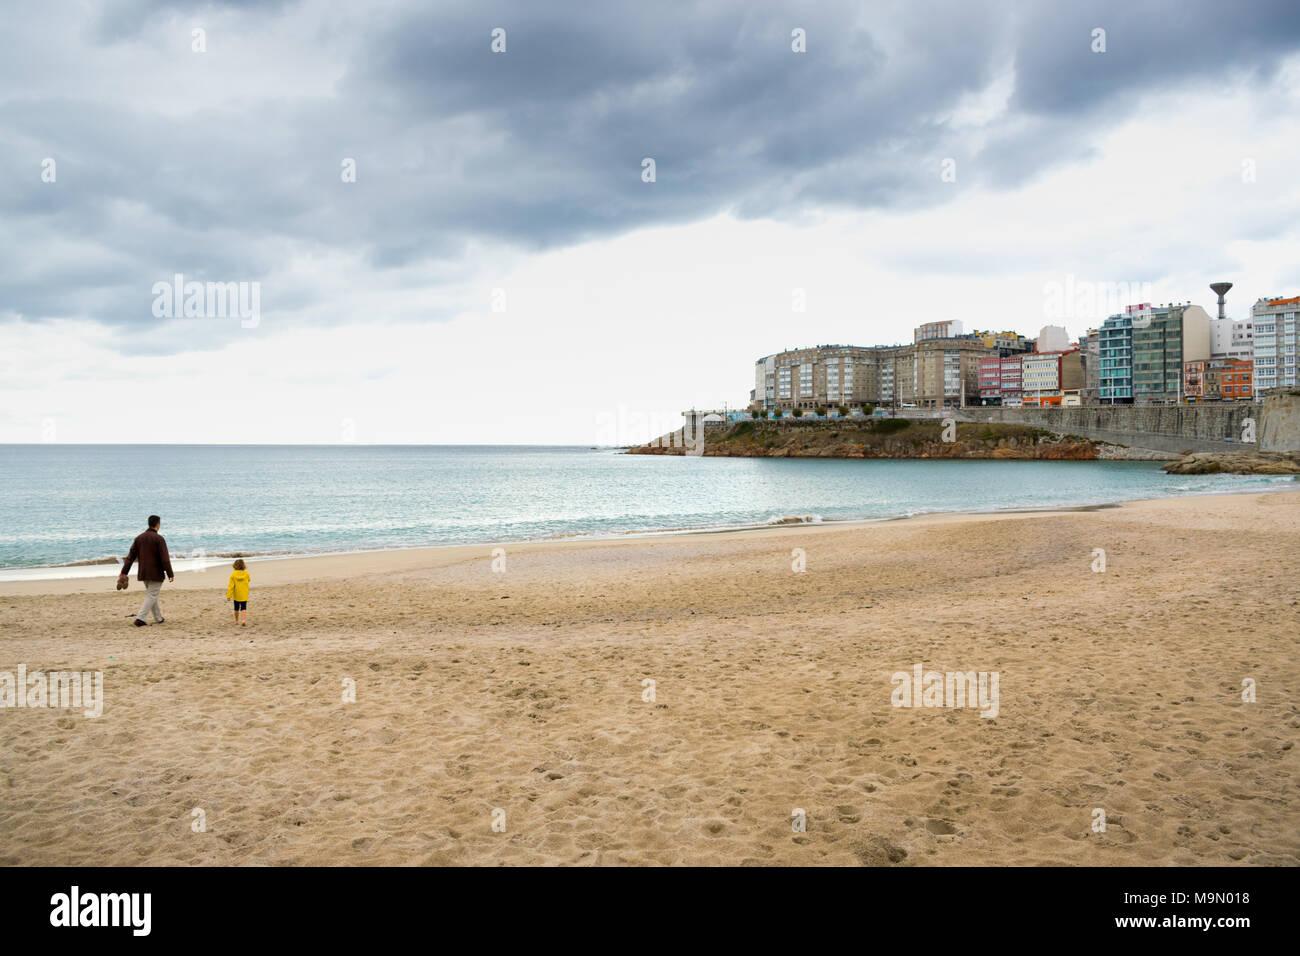 Padre e figlia a camminare su una spiaggia nel nord della Spagna sotto un cielo nuvoloso Immagini Stock